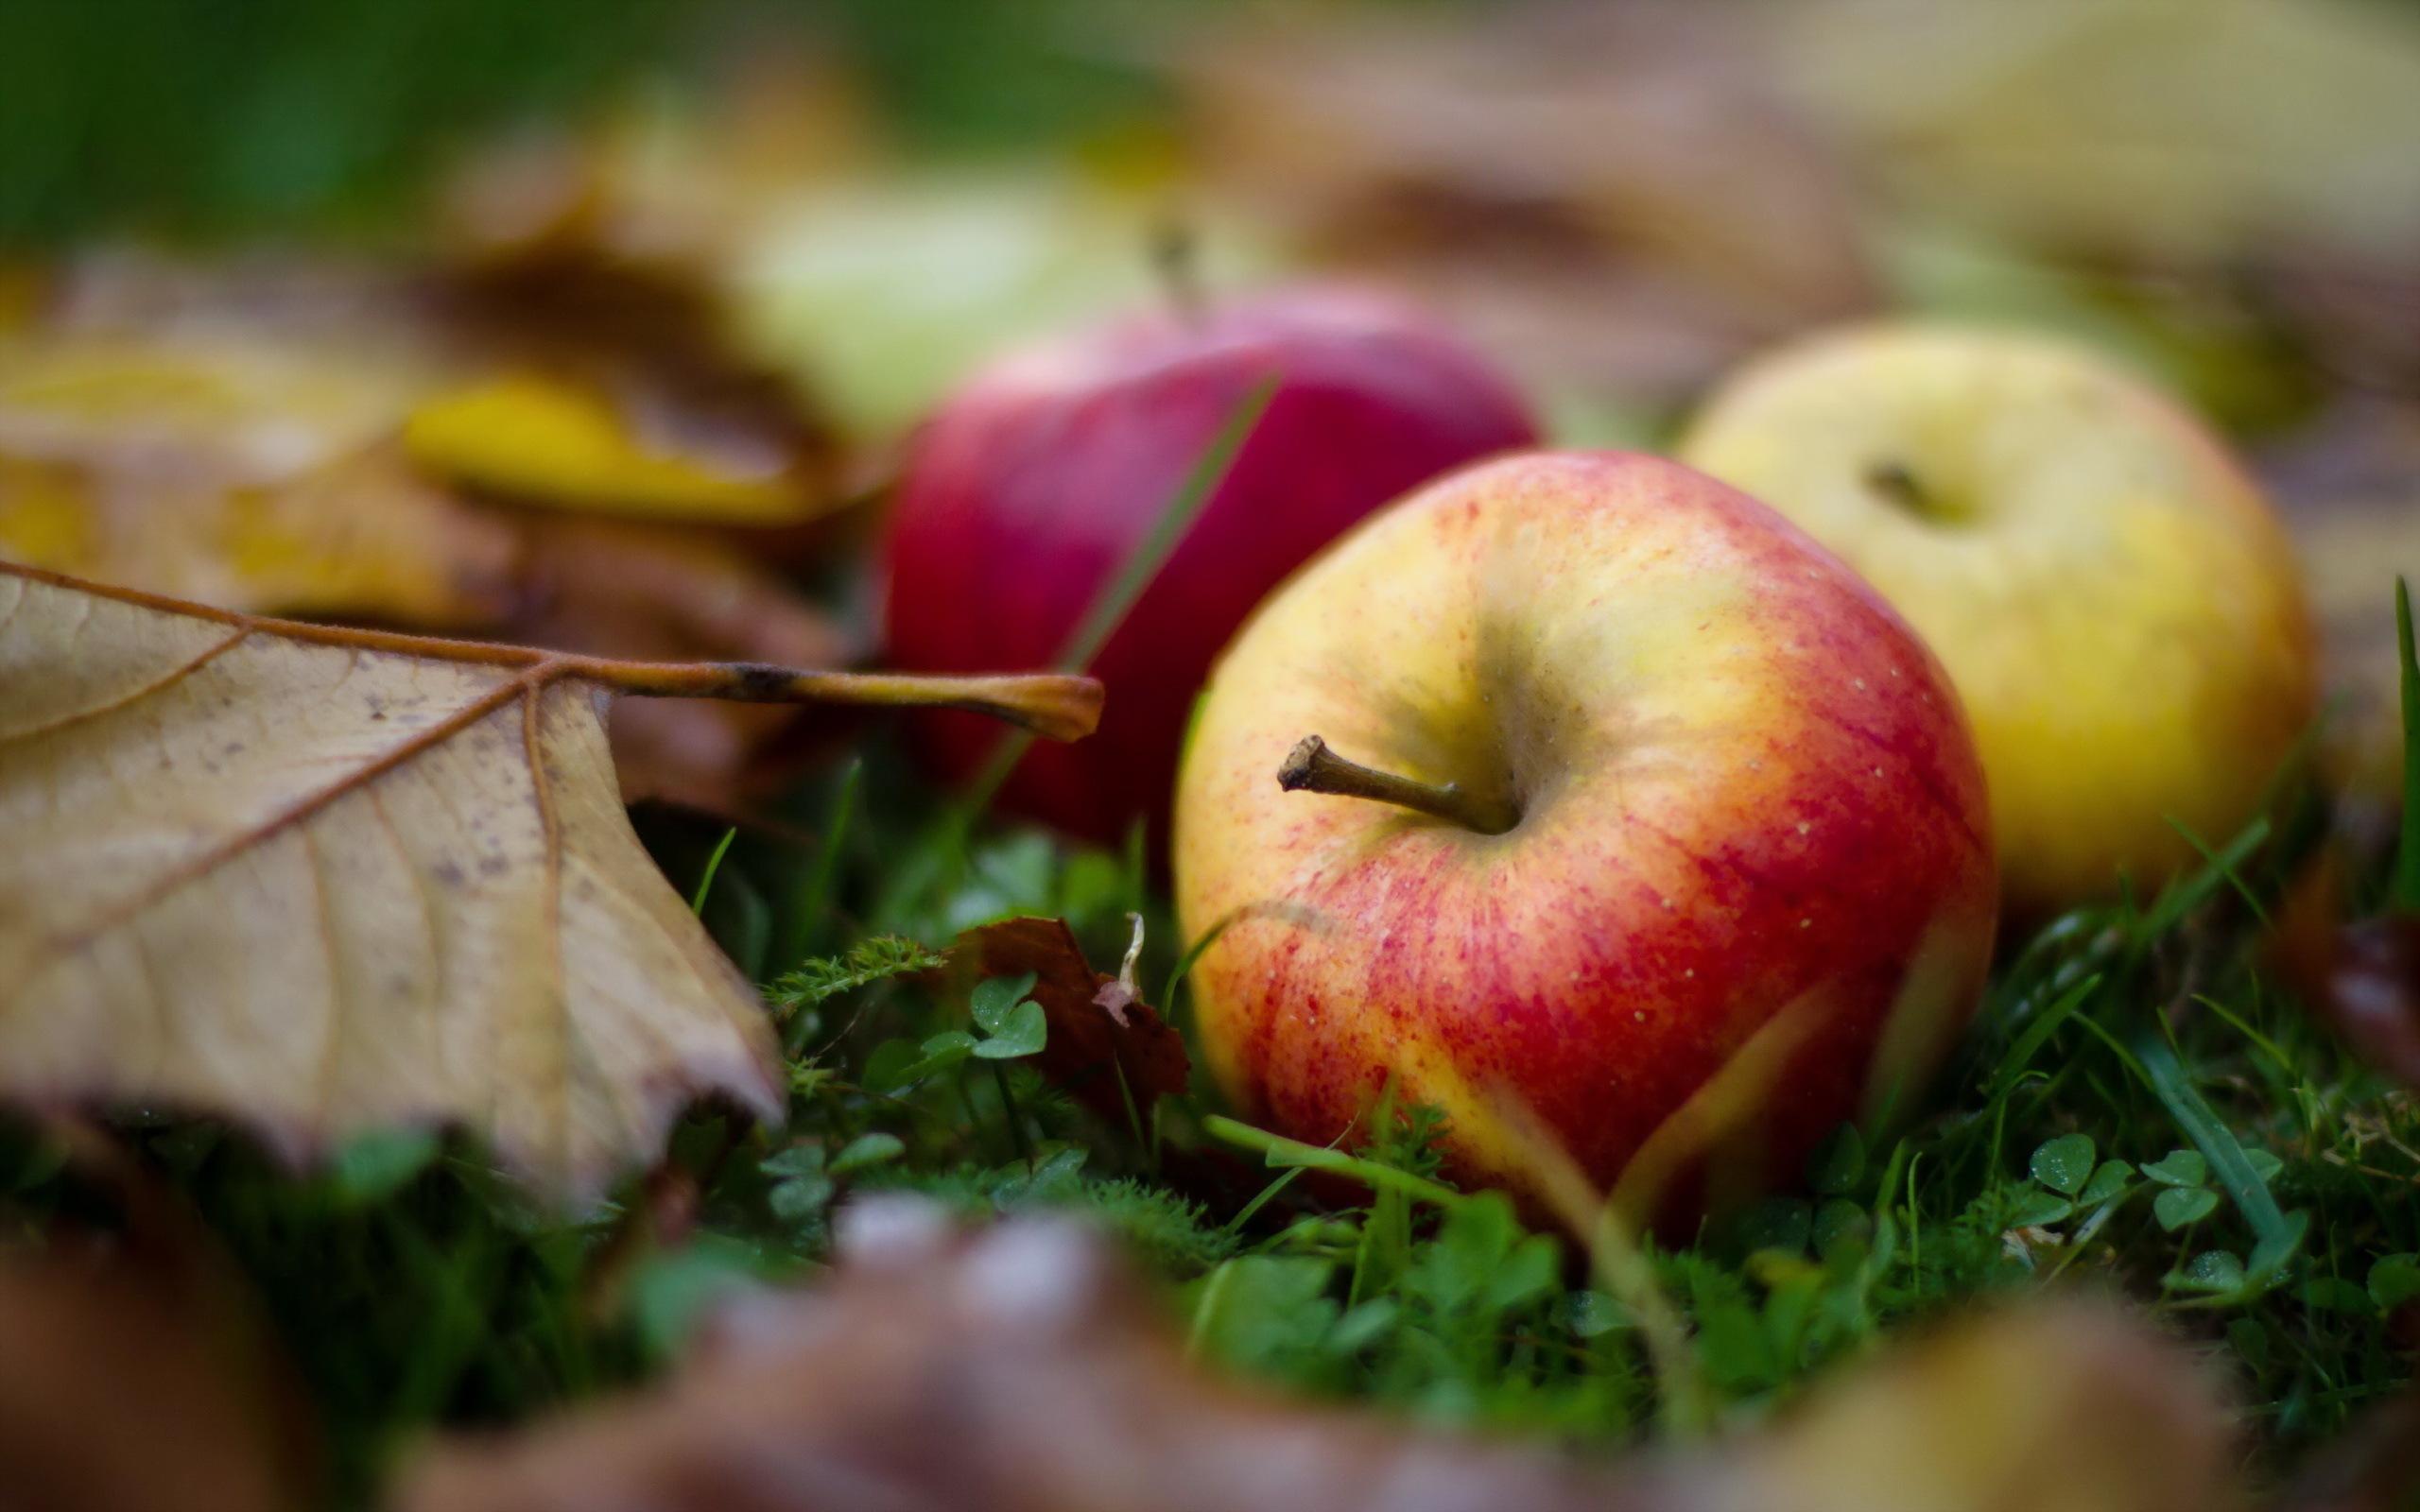 25413 скачать обои Растения, Фрукты, Еда, Осень, Листья, Яблоки - заставки и картинки бесплатно